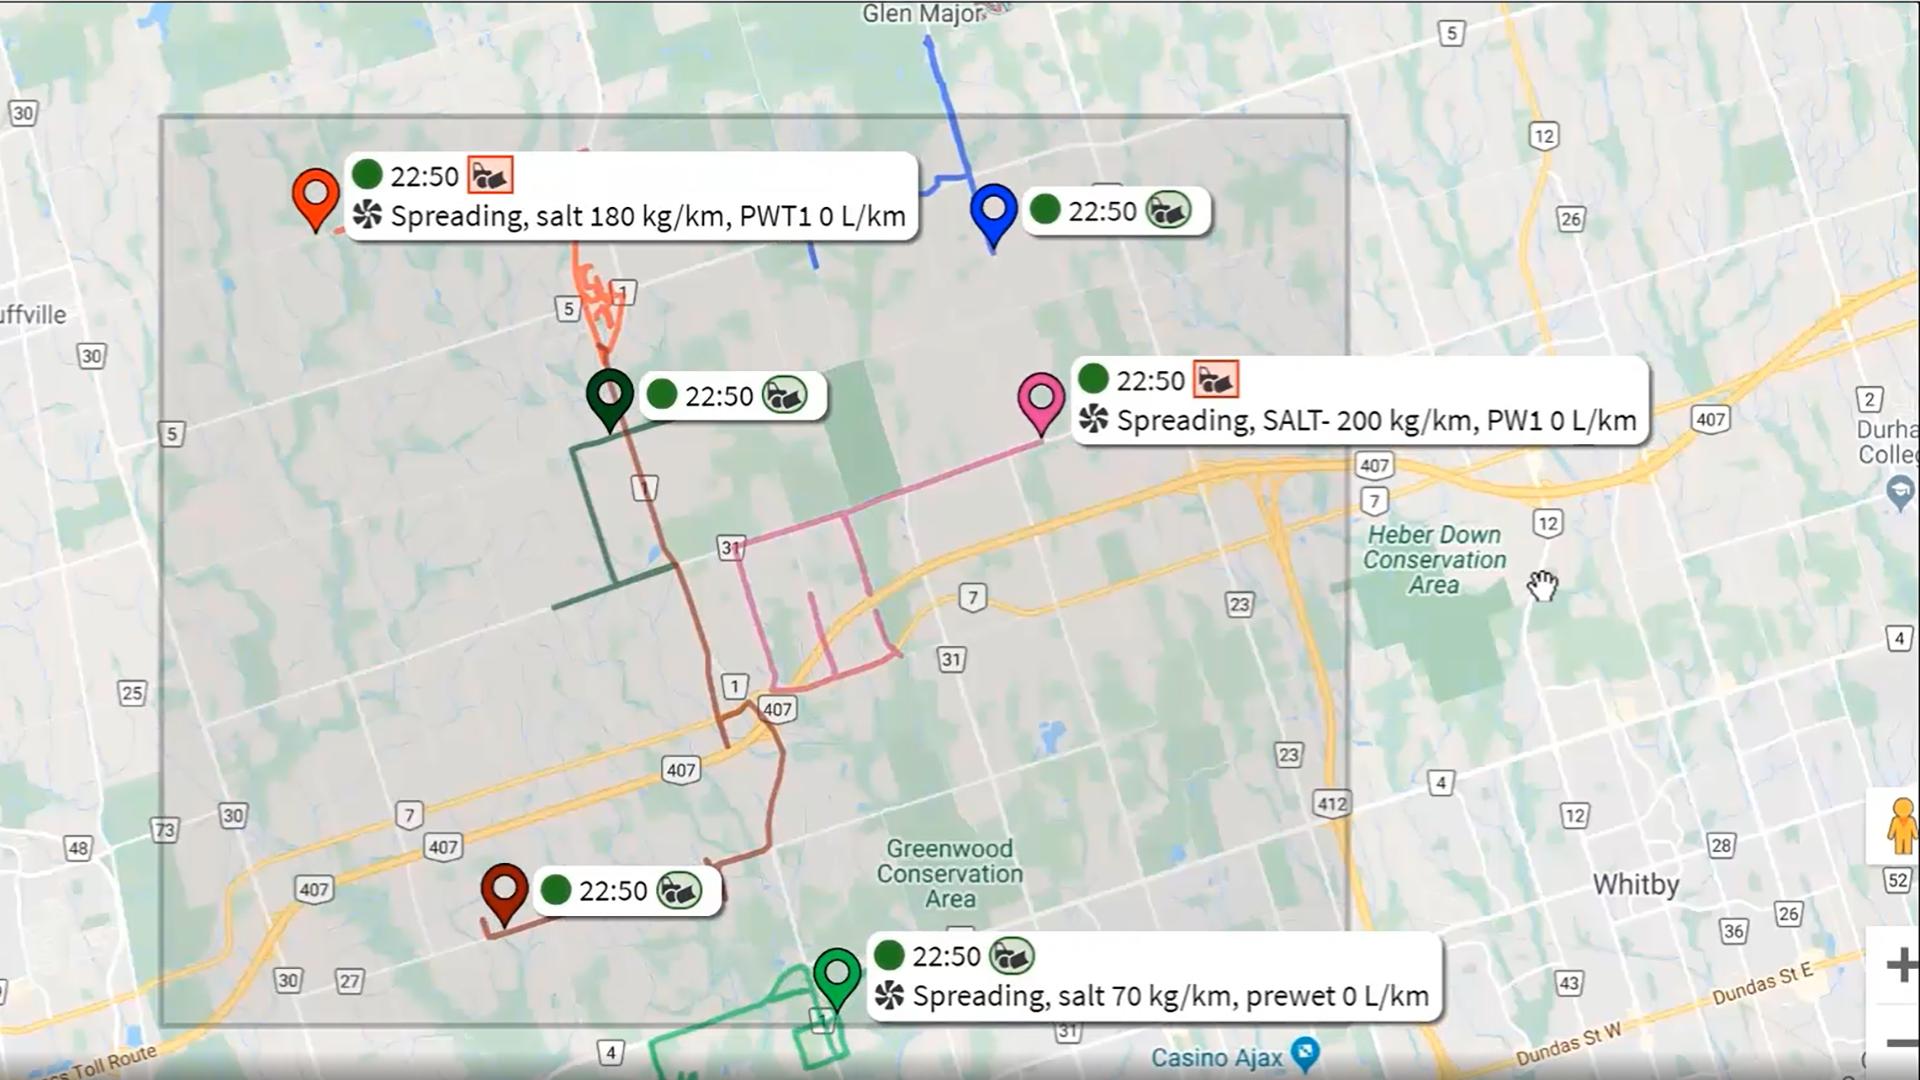 Monitor route progress